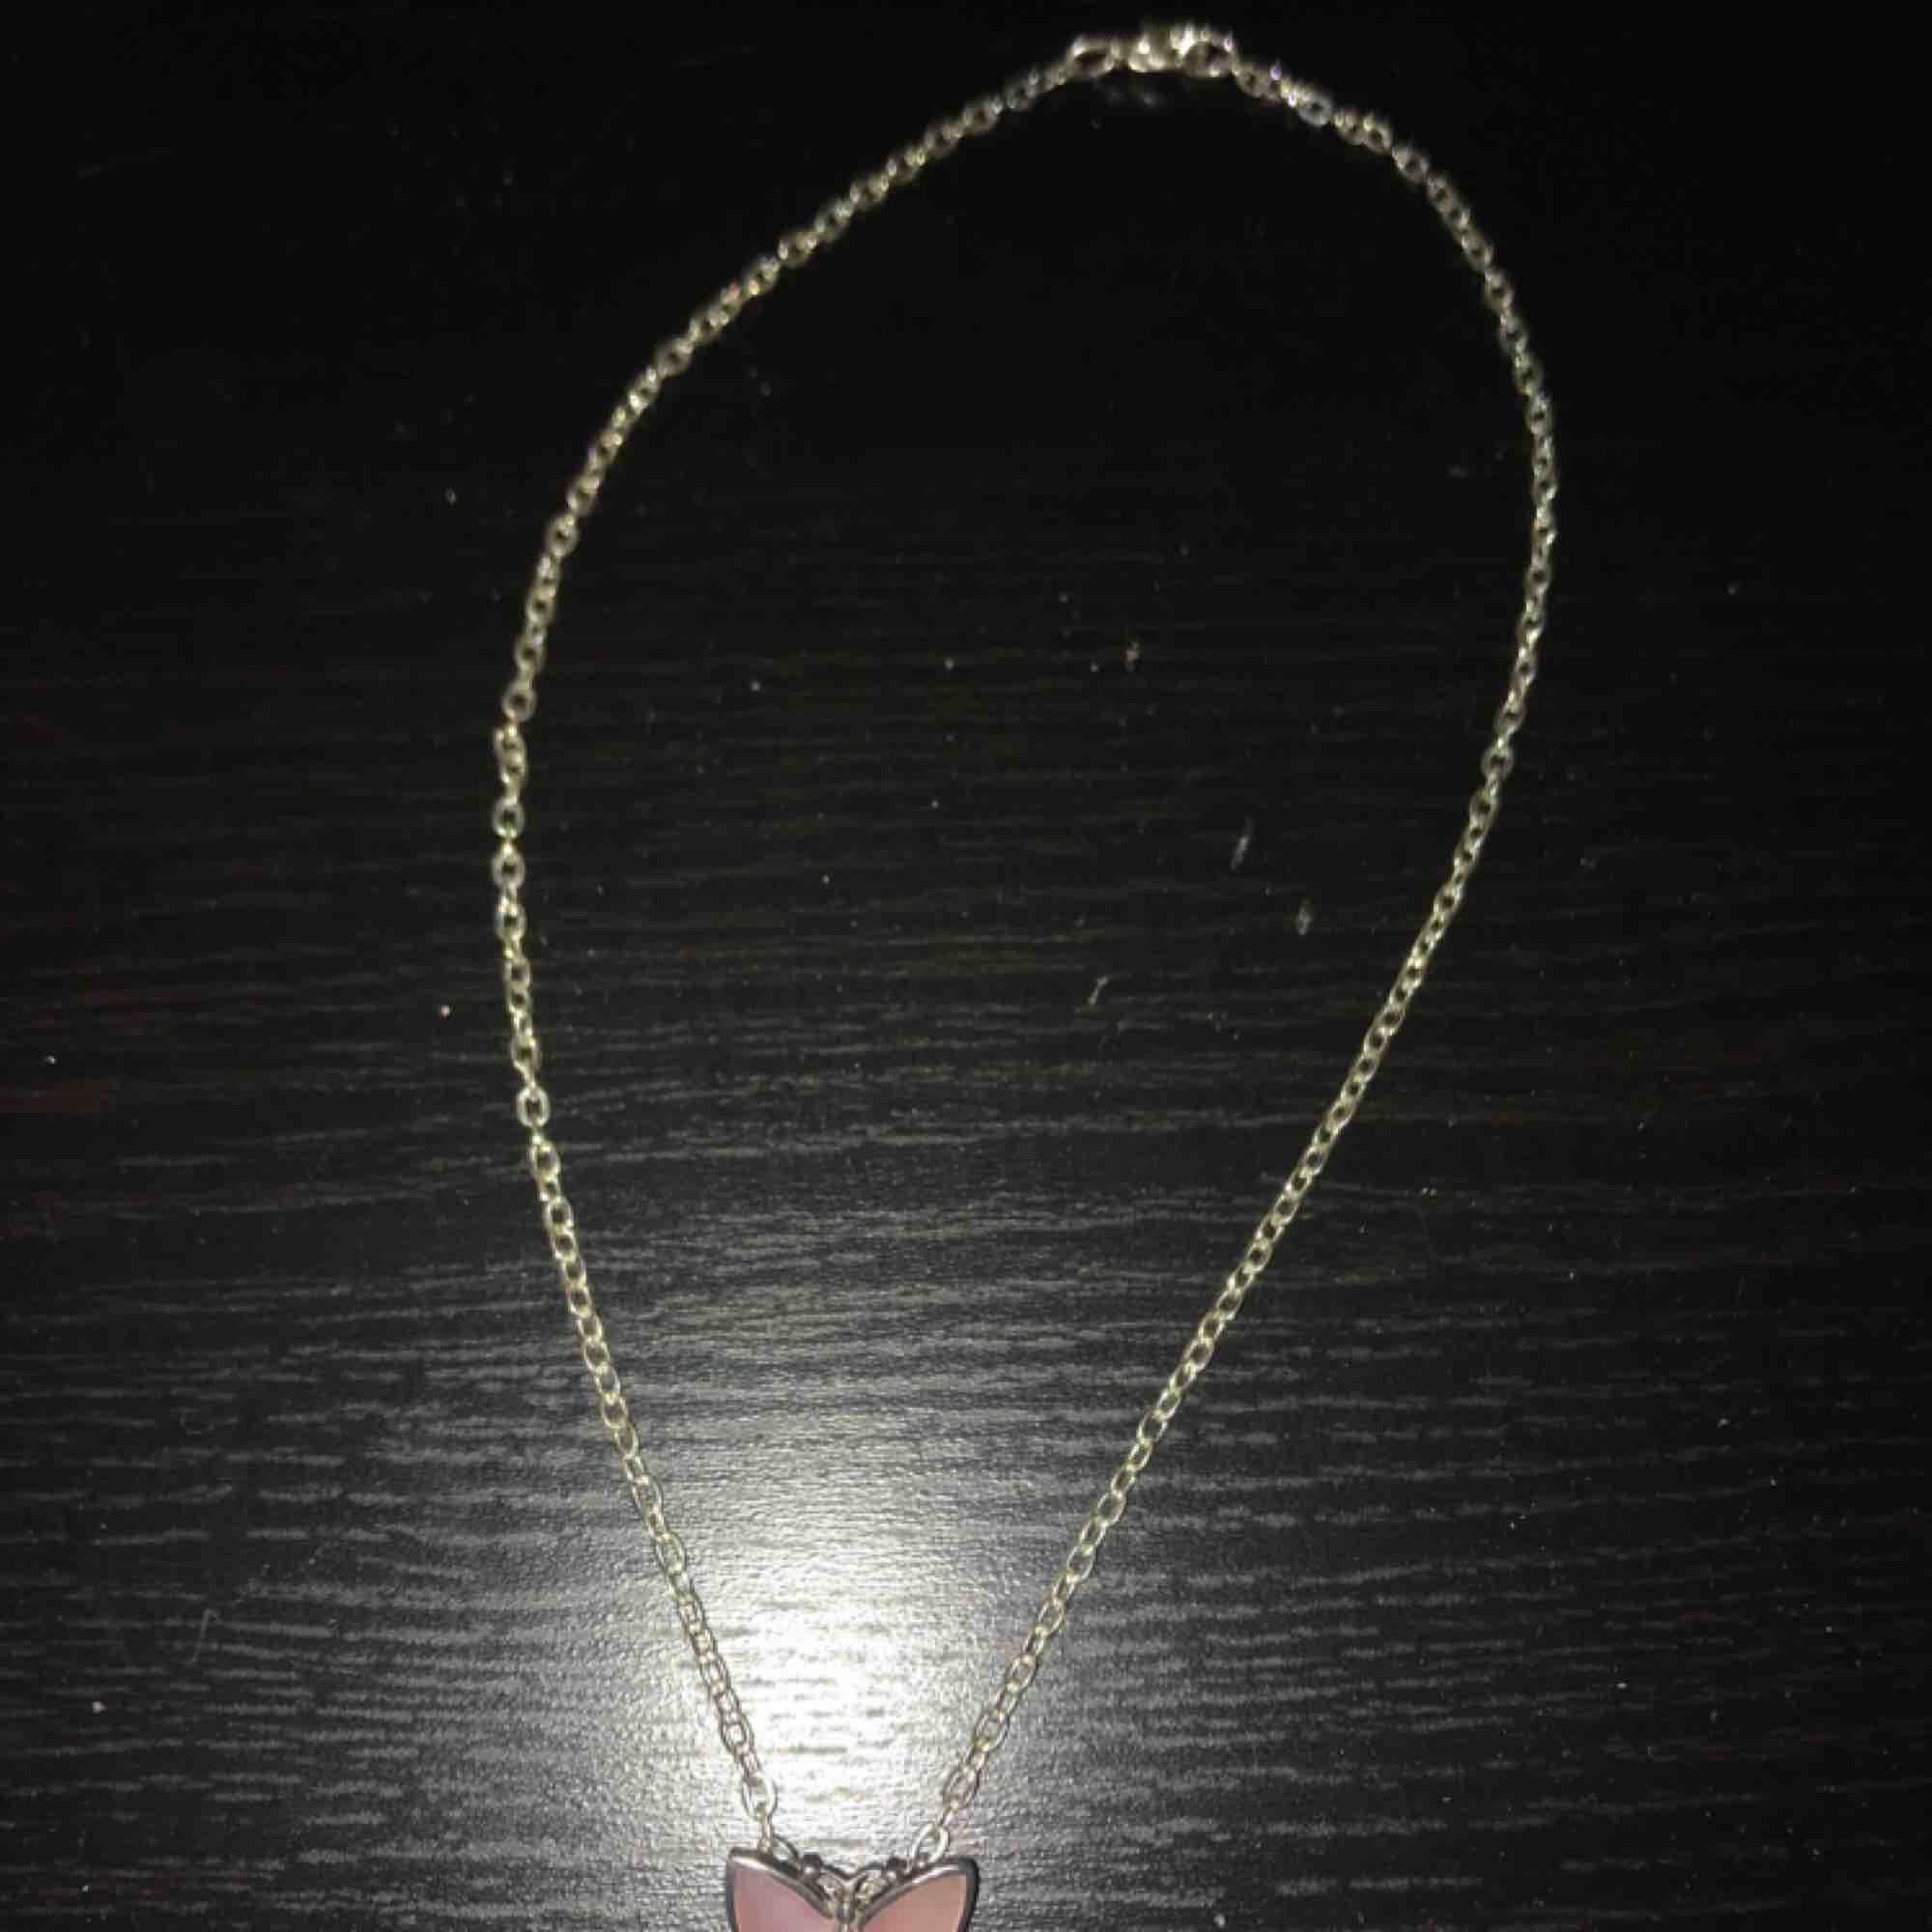 Jättefint halsband med silverkedja och en ljusrosa fjäril. Ganska kort kedja, rekommenderar till barn😊 Aldrig använt . Accessoarer.